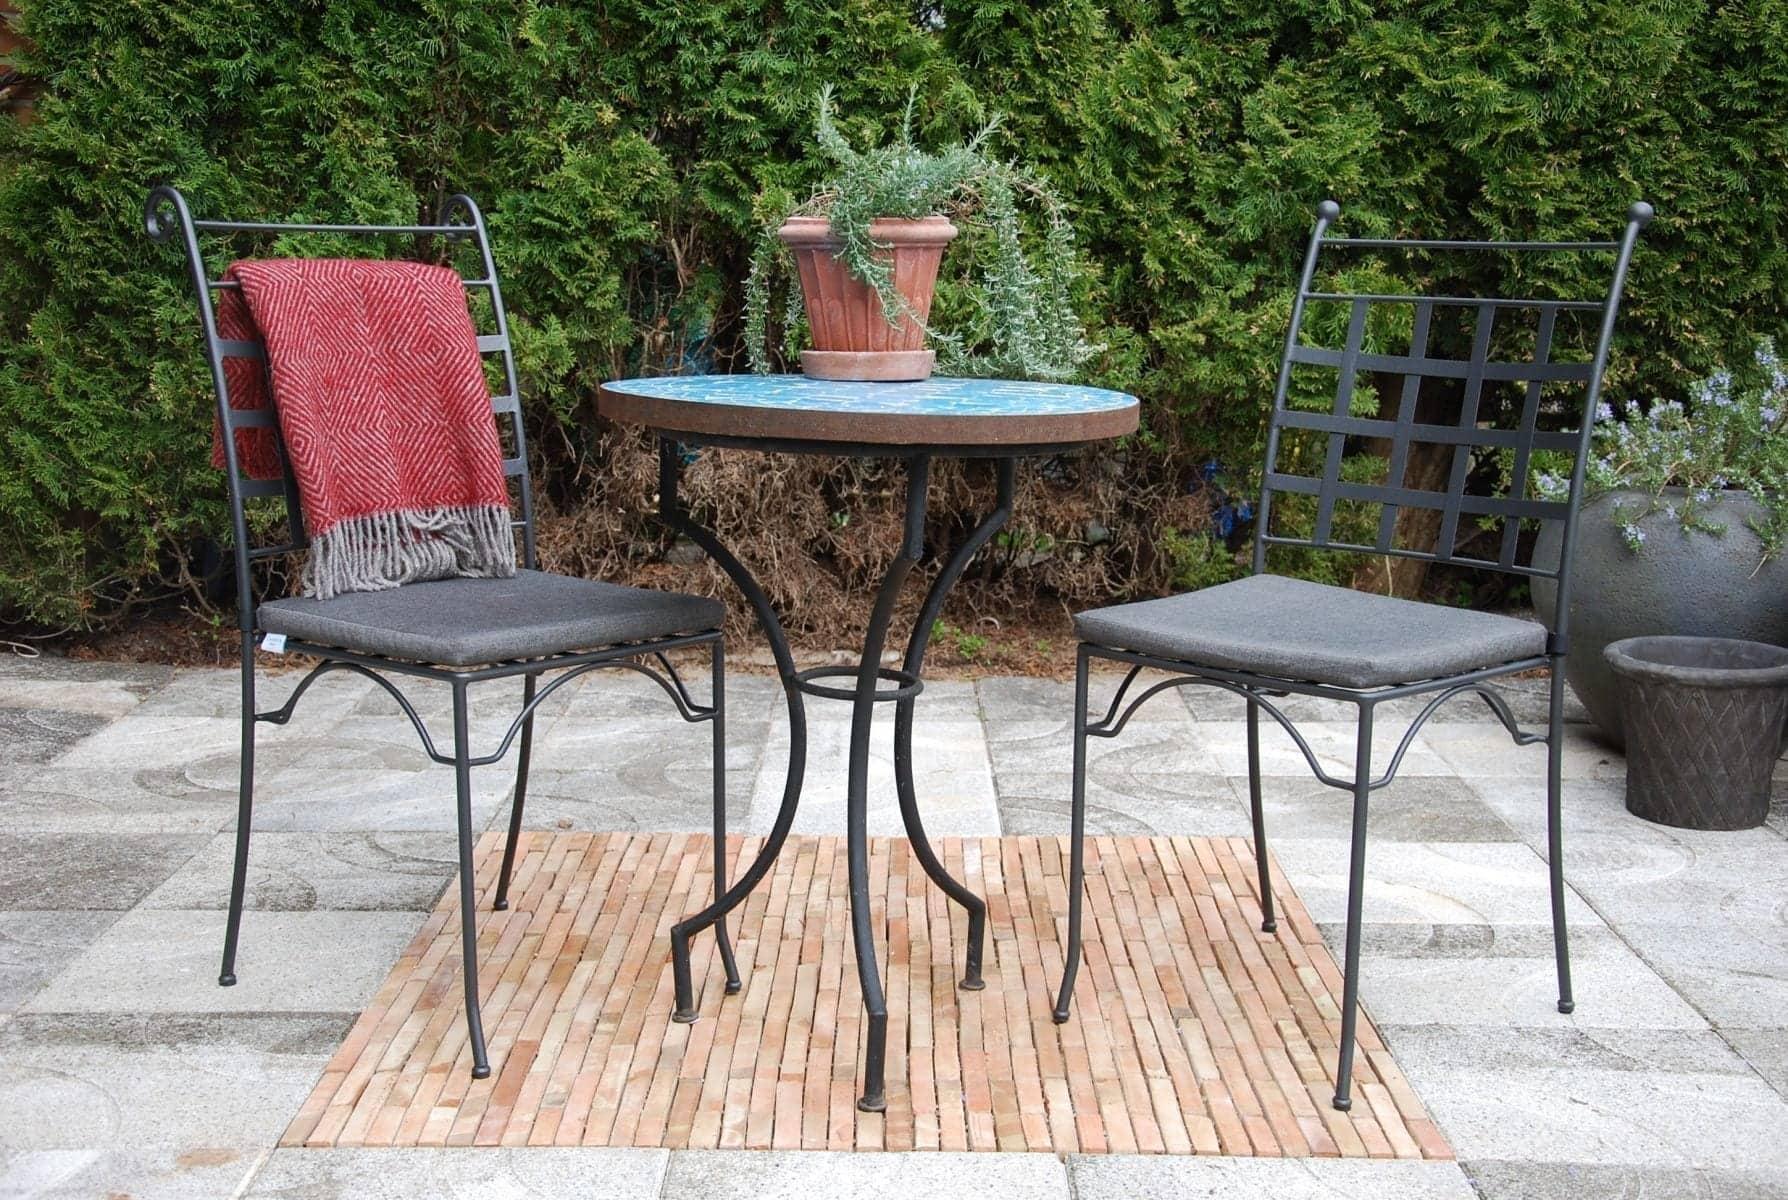 utemöbler piazza smidesstol för uteplats och trädgård